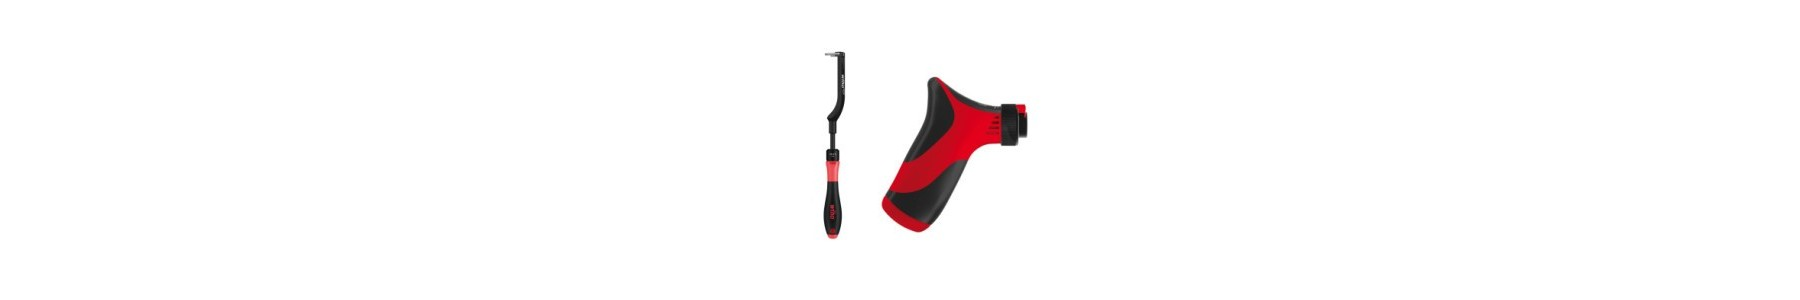 Inne narzędzia dynamometryczne